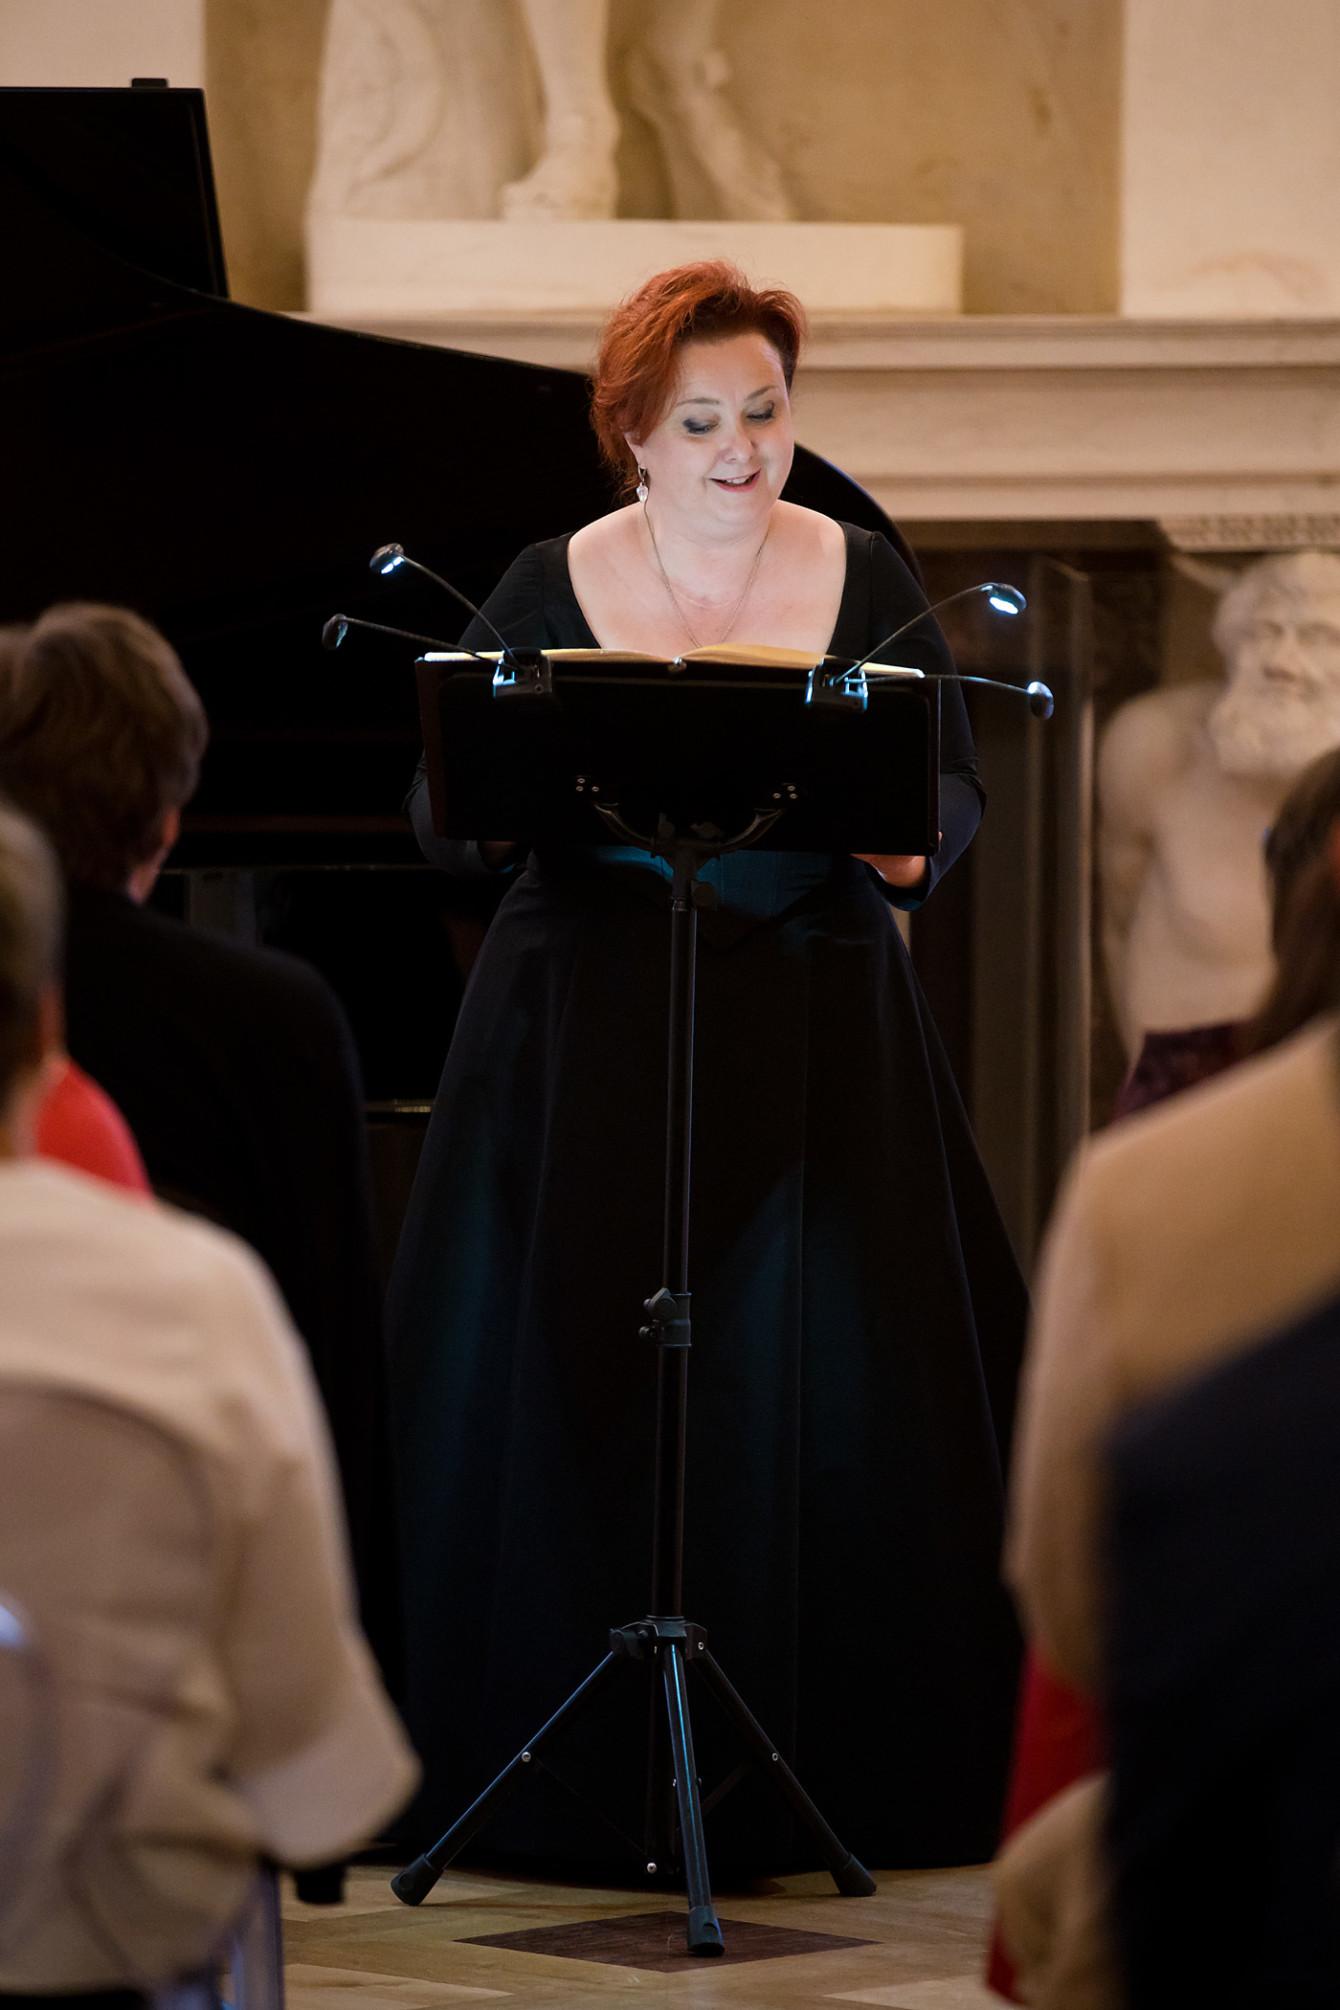 Justyna Stępień - sopran || FESTIWAL. FRYDERYK CHOPIN – PIEŚNI I UTWORY INSTRUMENTALNE / 18.07.2019. Fot. Maciej Czerski